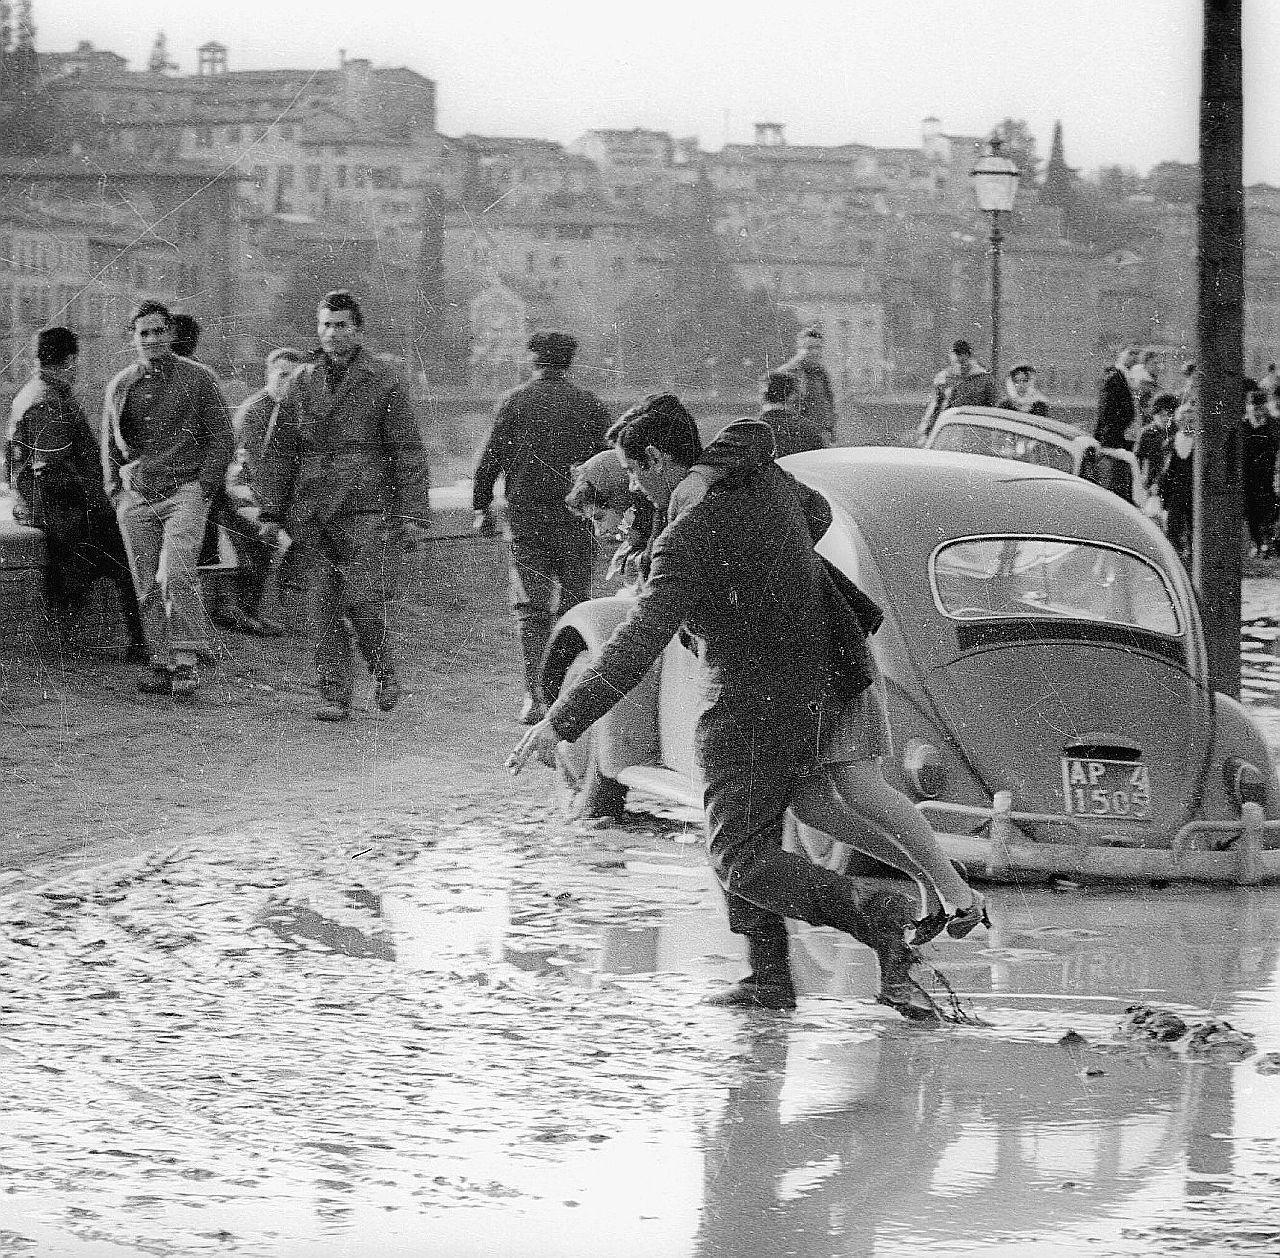 Firenze, l'alluvione 50 anni dopo: Indro Montanelli tra i braccianti di Stato a 9 mila lire al mese